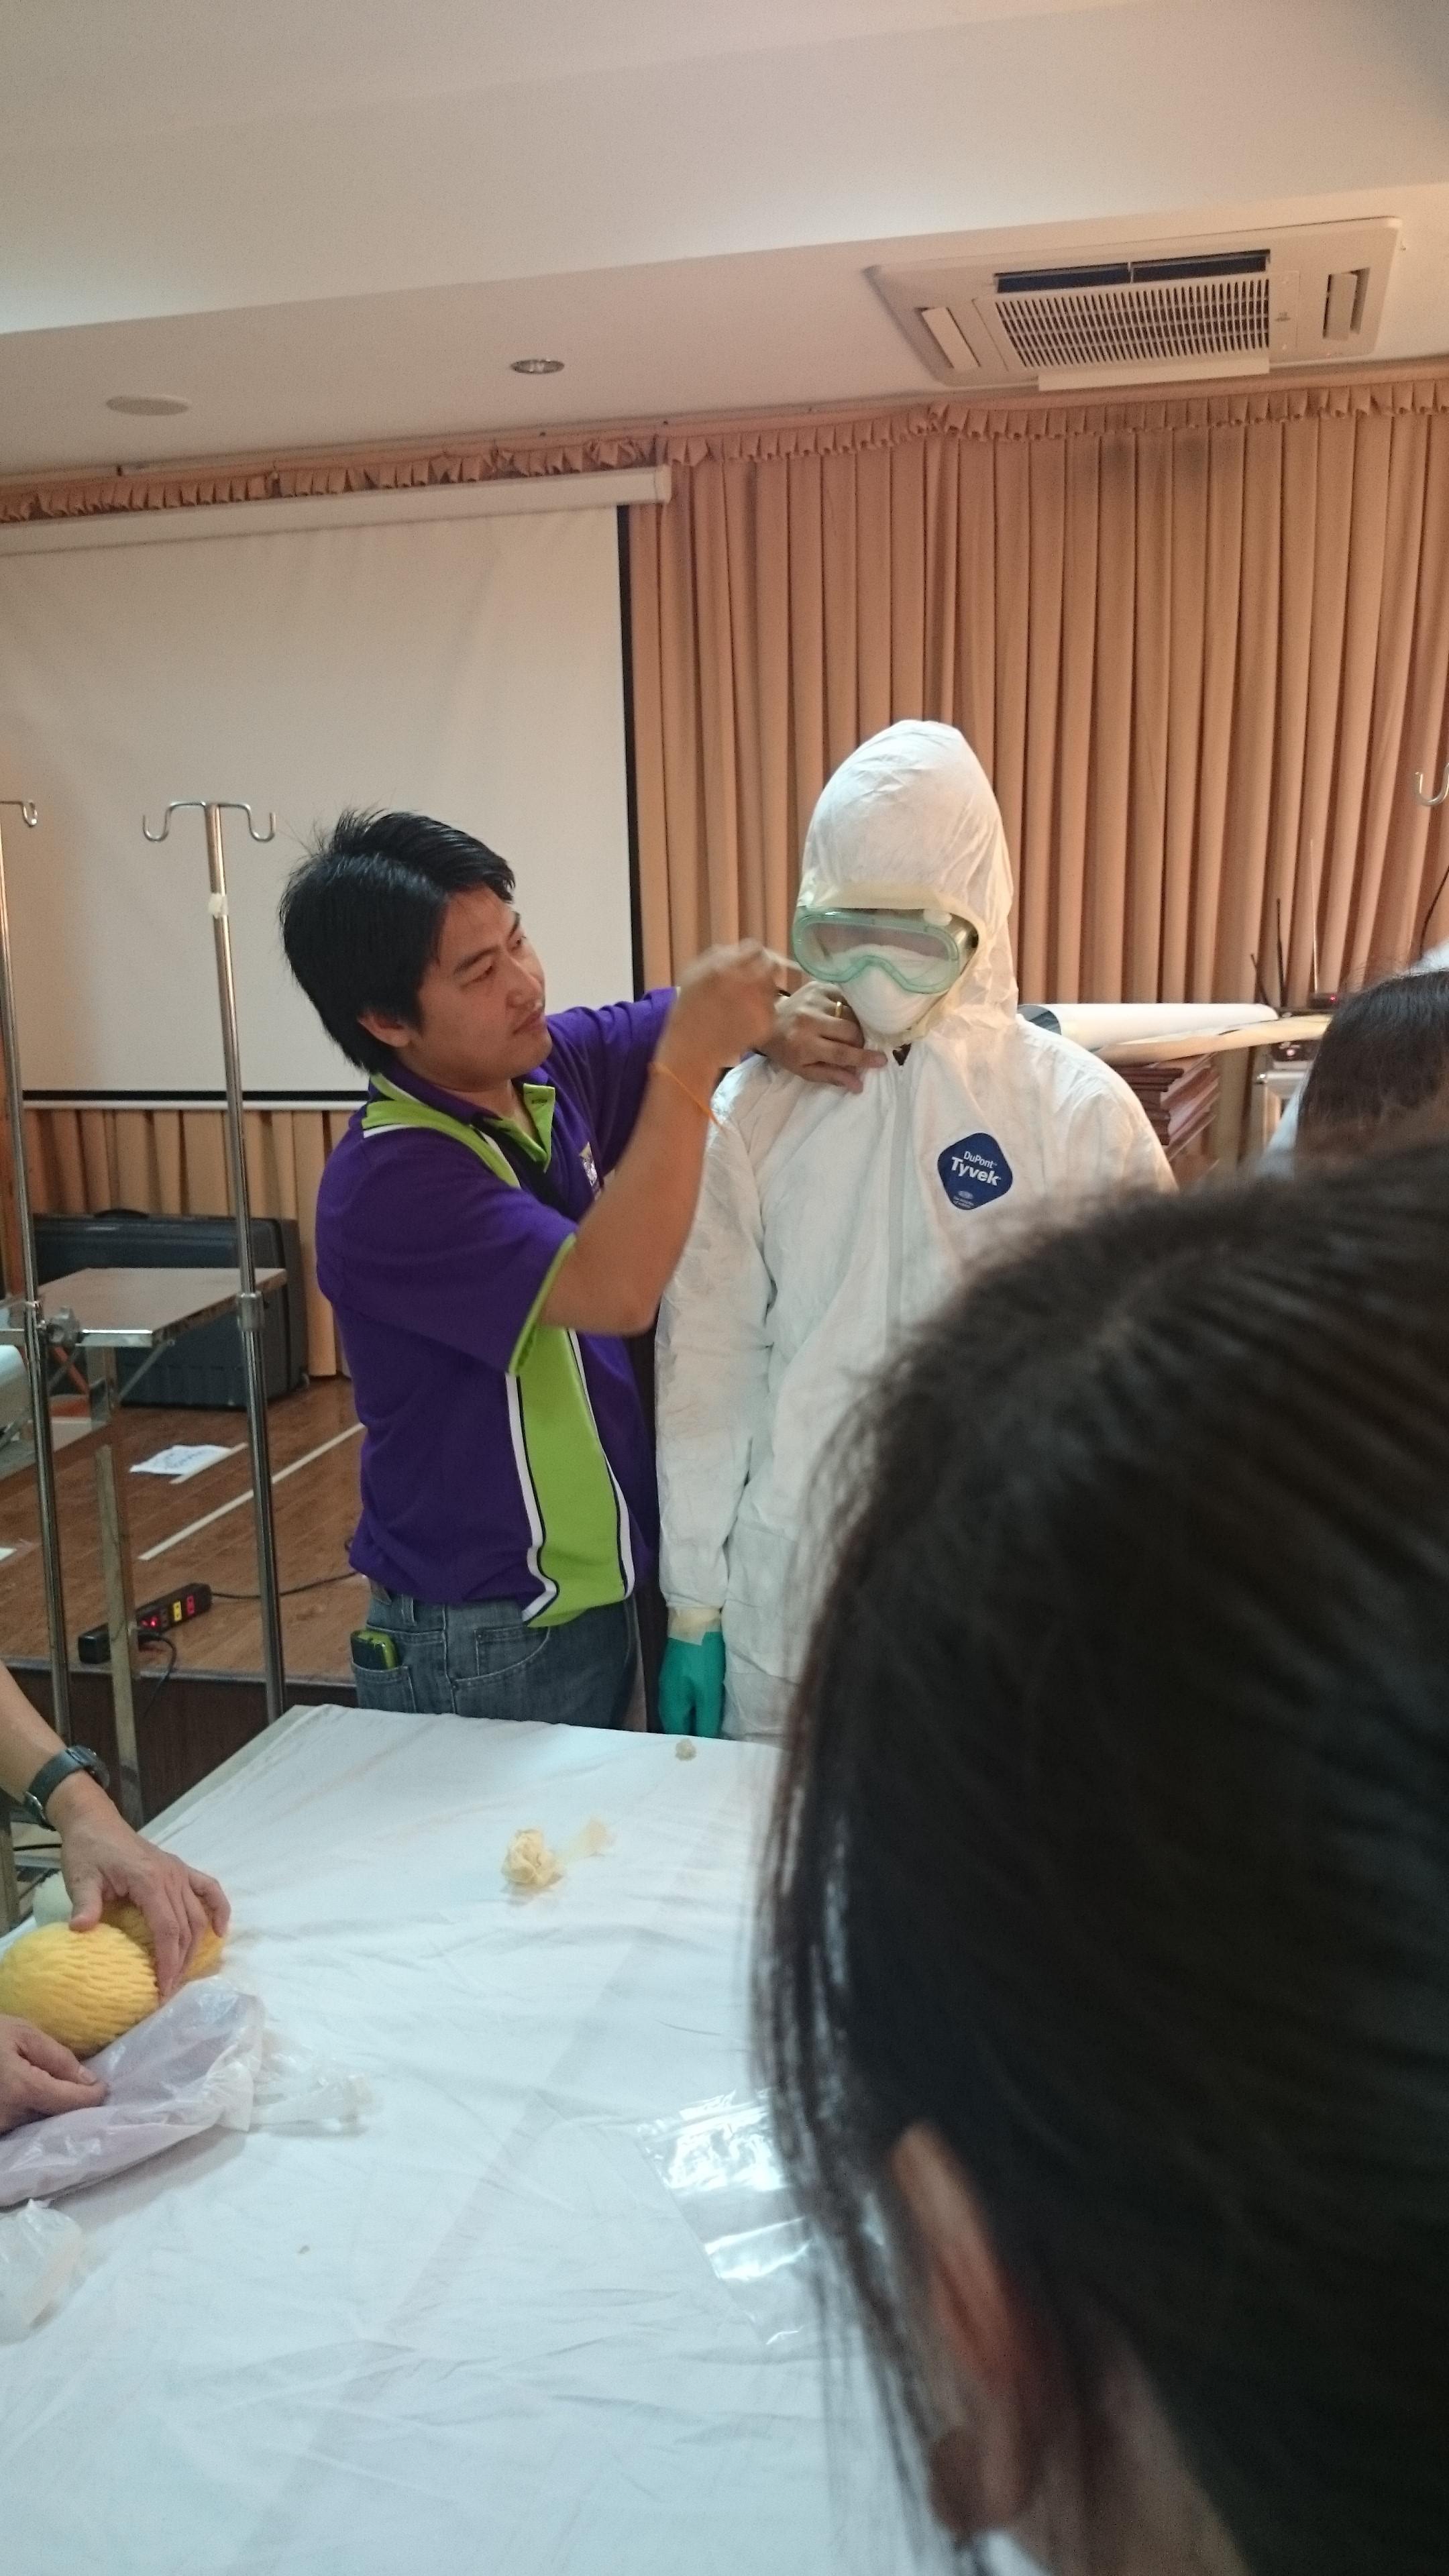 Đoàn Thái Lan đến Huế huấn luyện cấp cứu cho các bác sĩ, điều dưỡng